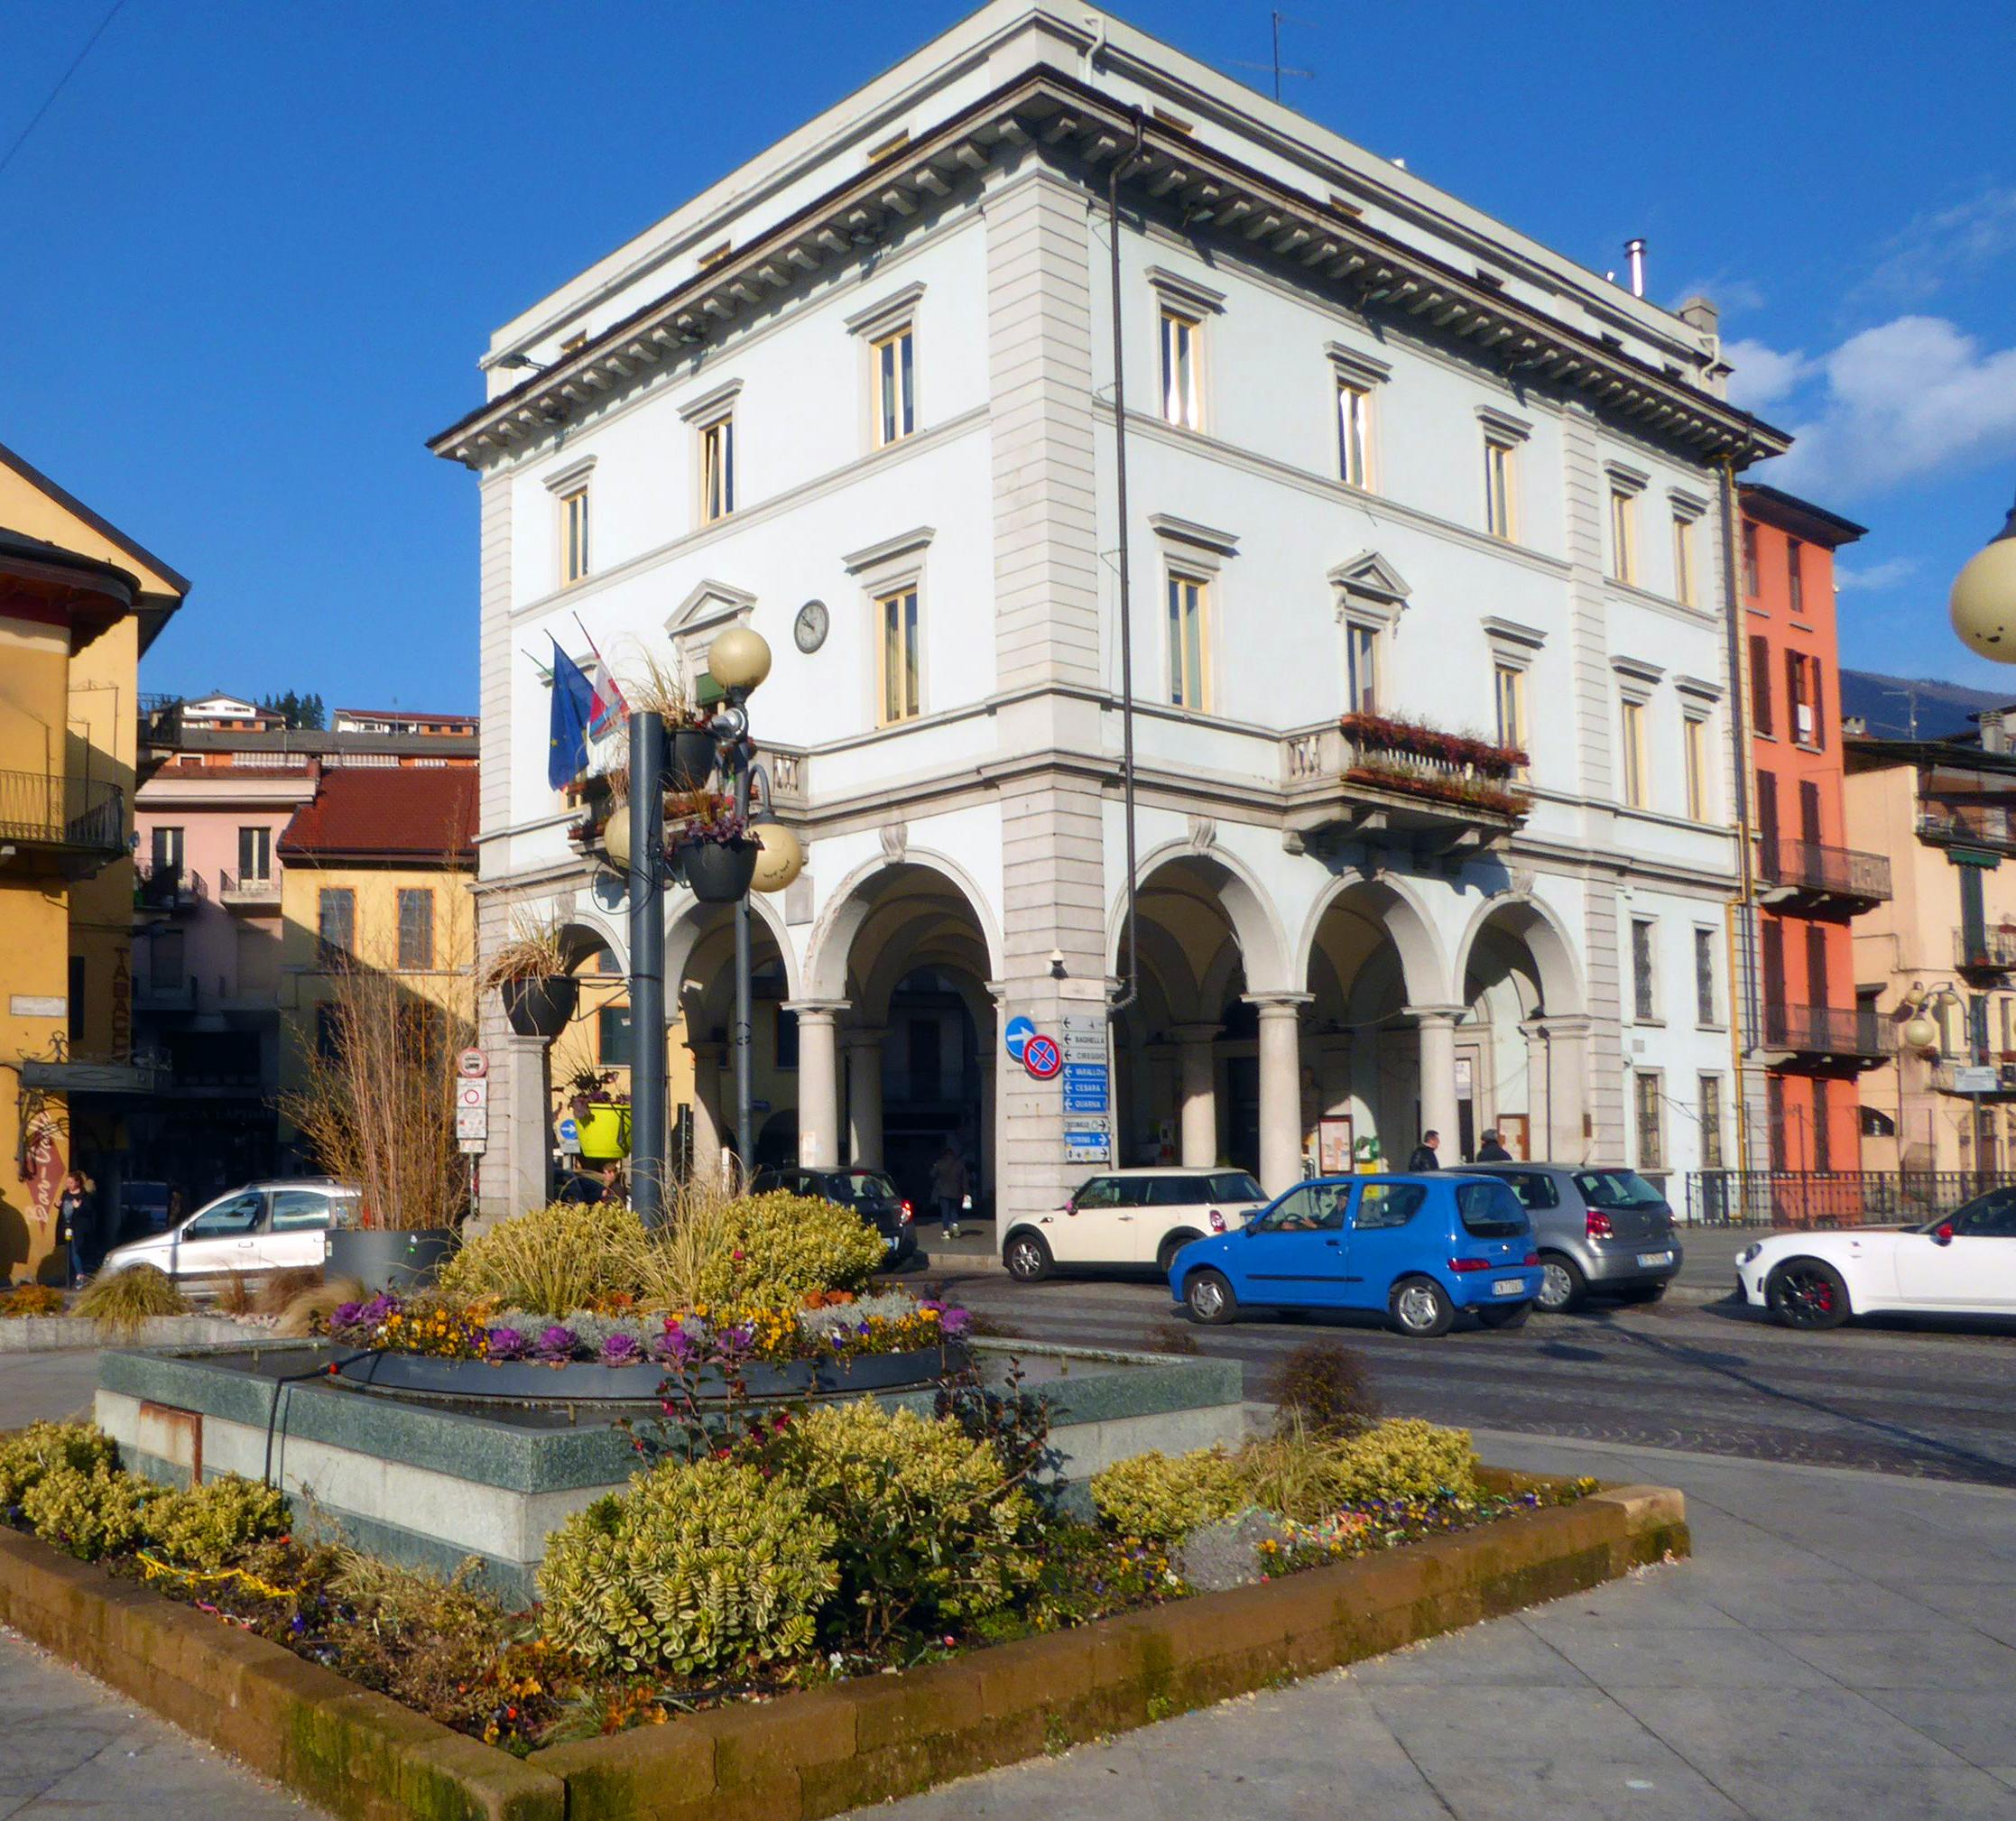 PALAZZO DI CITTÀ - palazzostorico